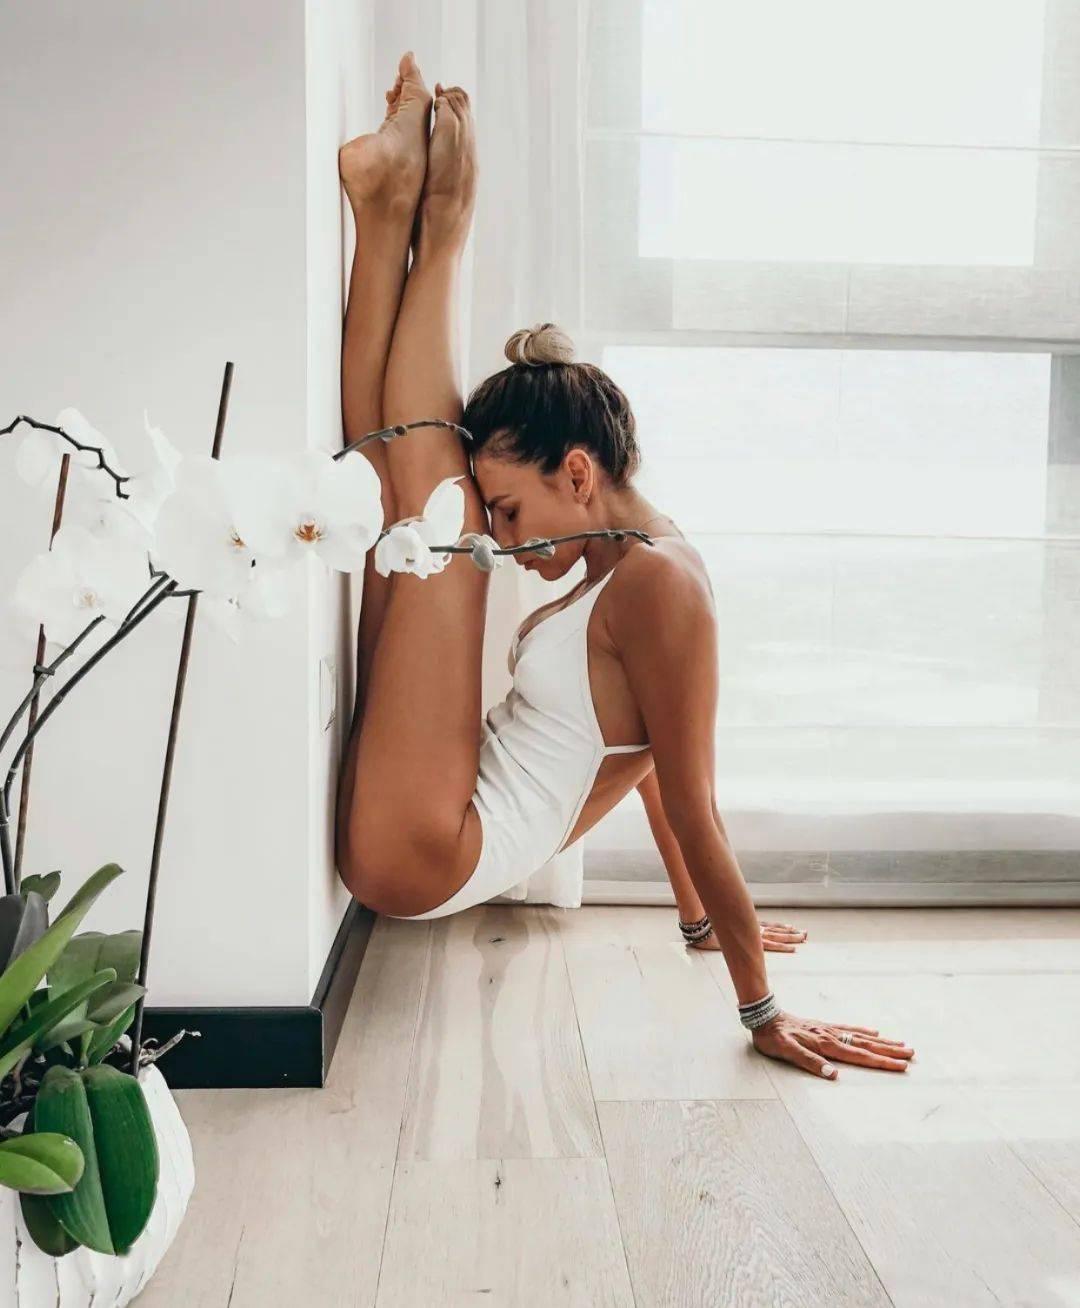 练瑜伽,这3个阶段,你经历到哪个阶段了?_适应期